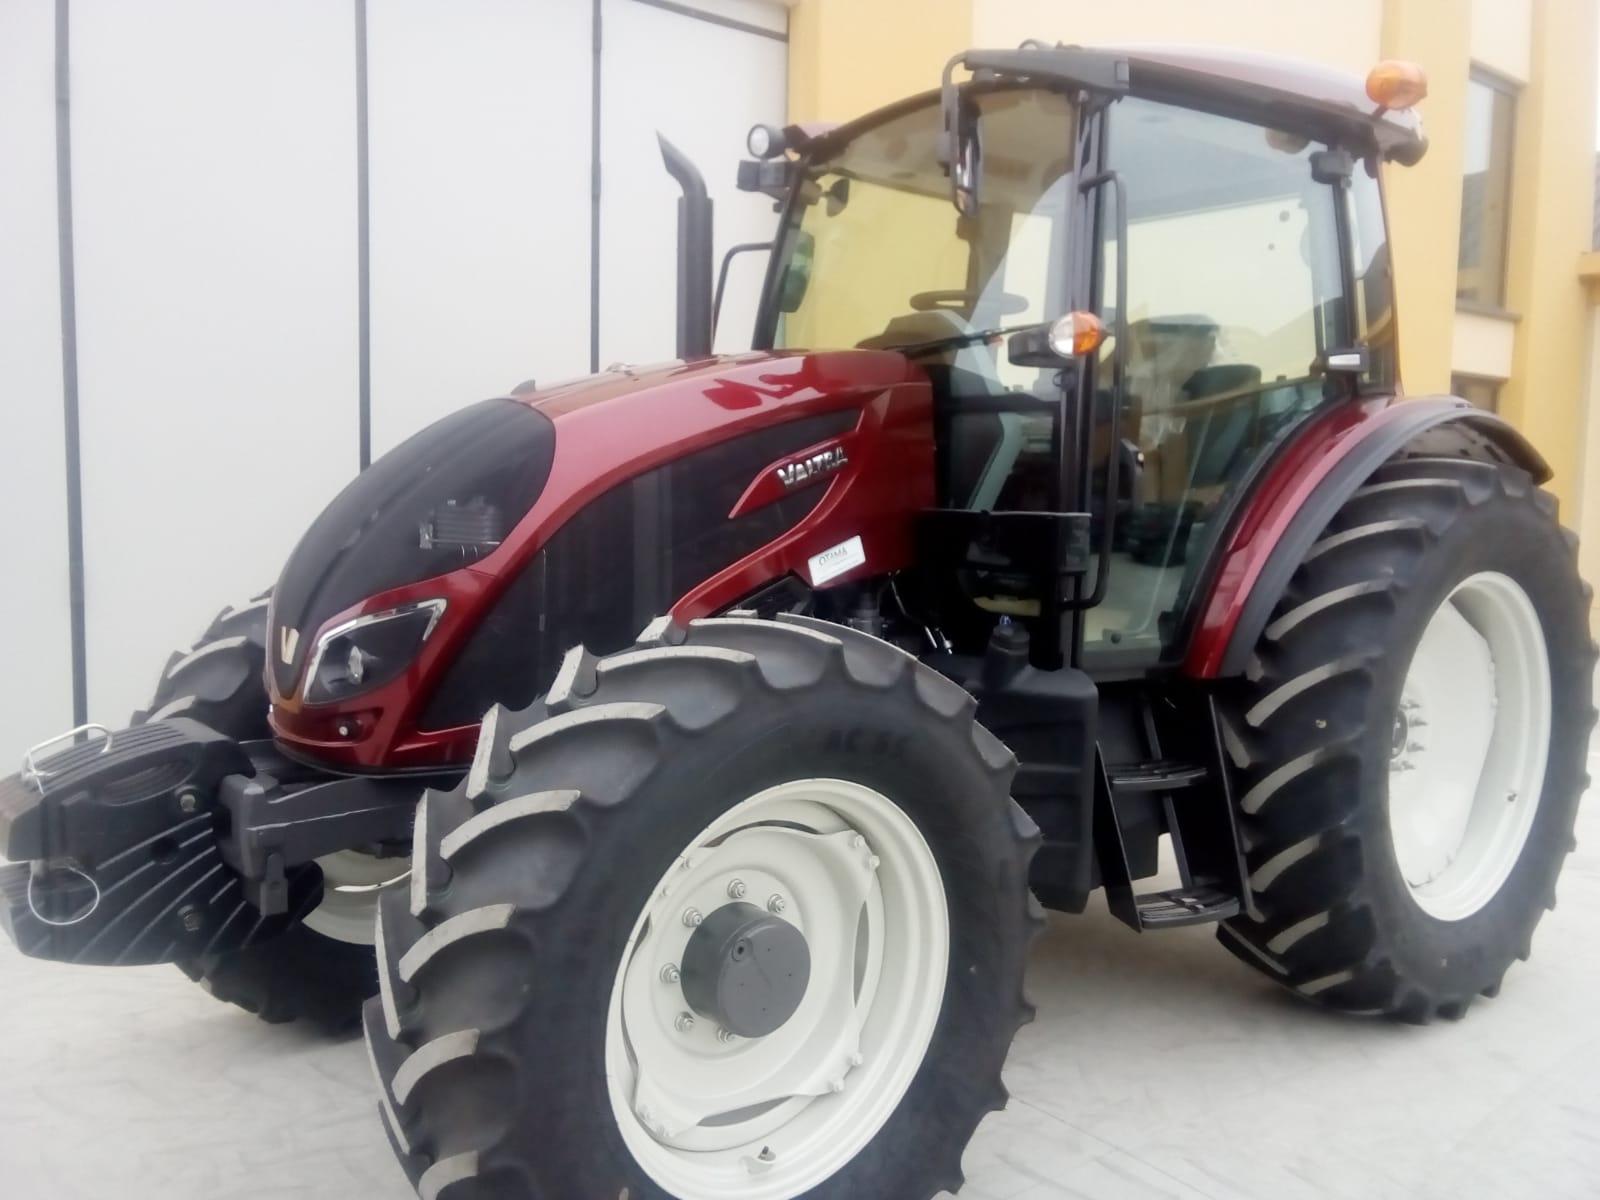 Consegnato VALTRA serie A 134🚜 ad az. agr. La fattoria ss Moncalieri (To)